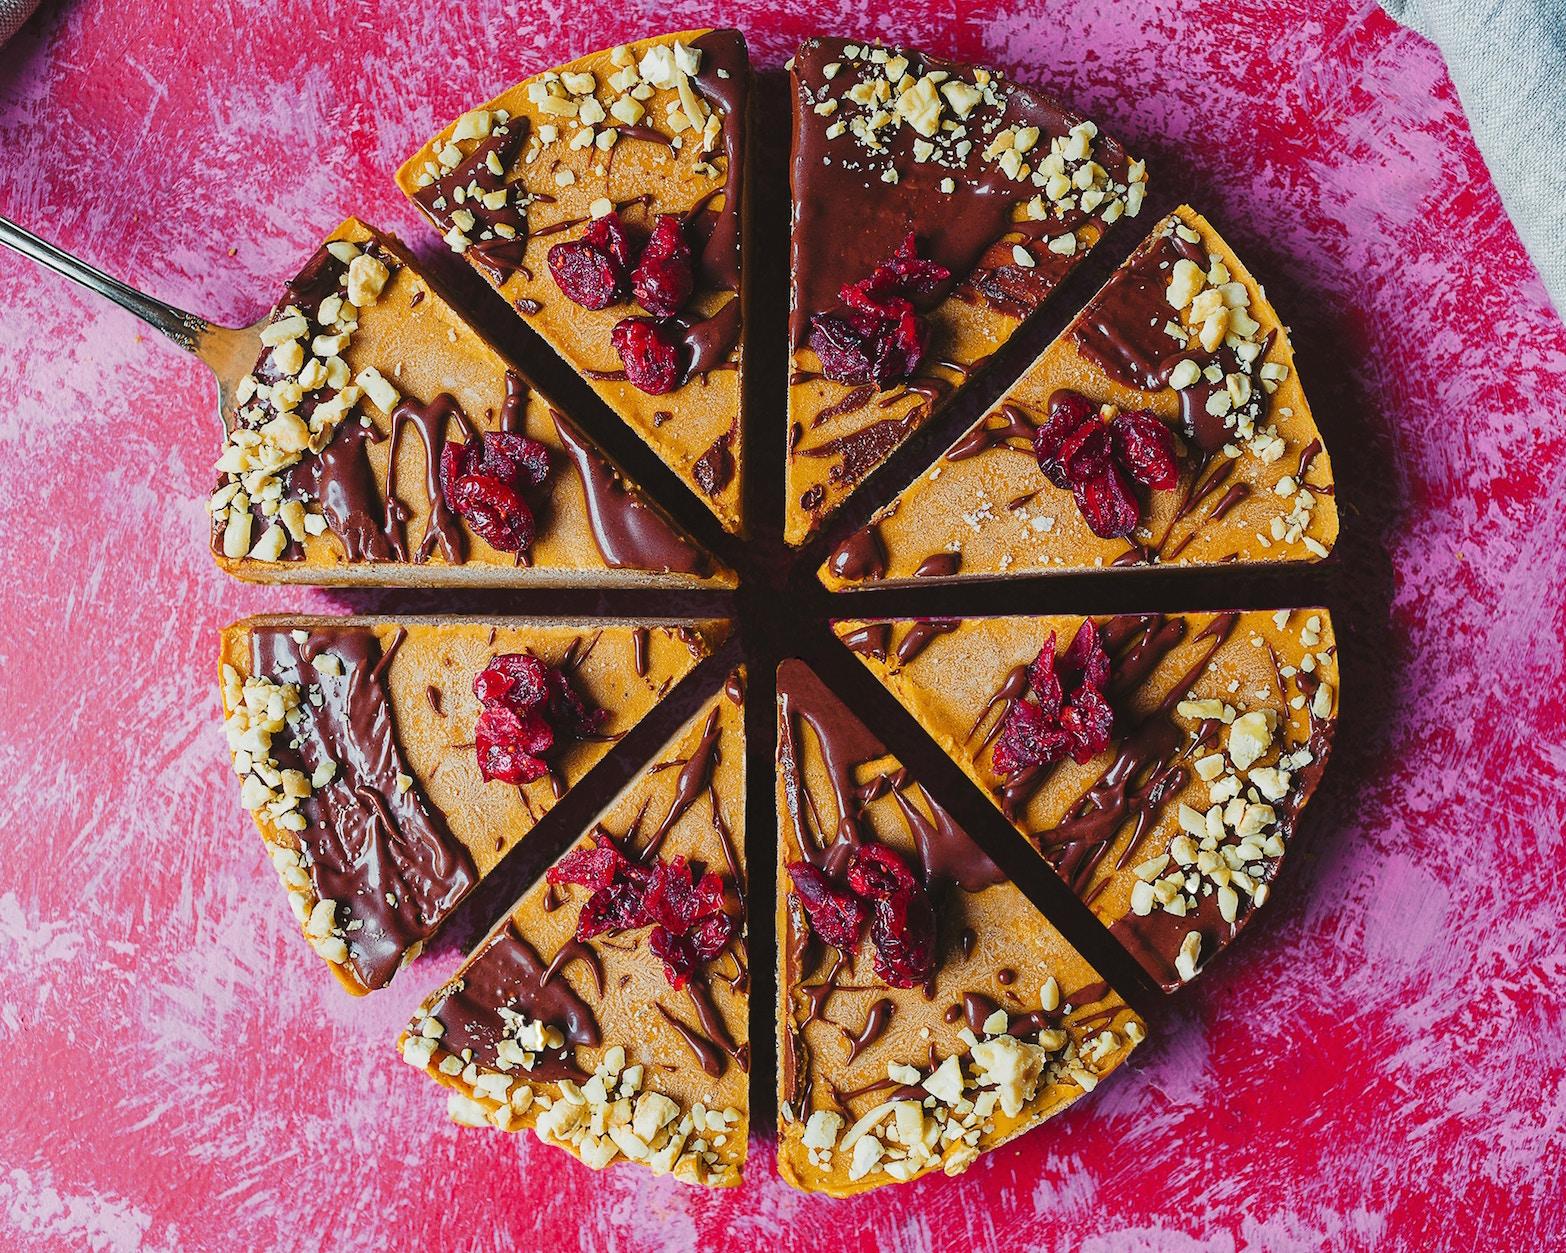 Vegan Sweets Set to Be Top Dessert Trend in 2018